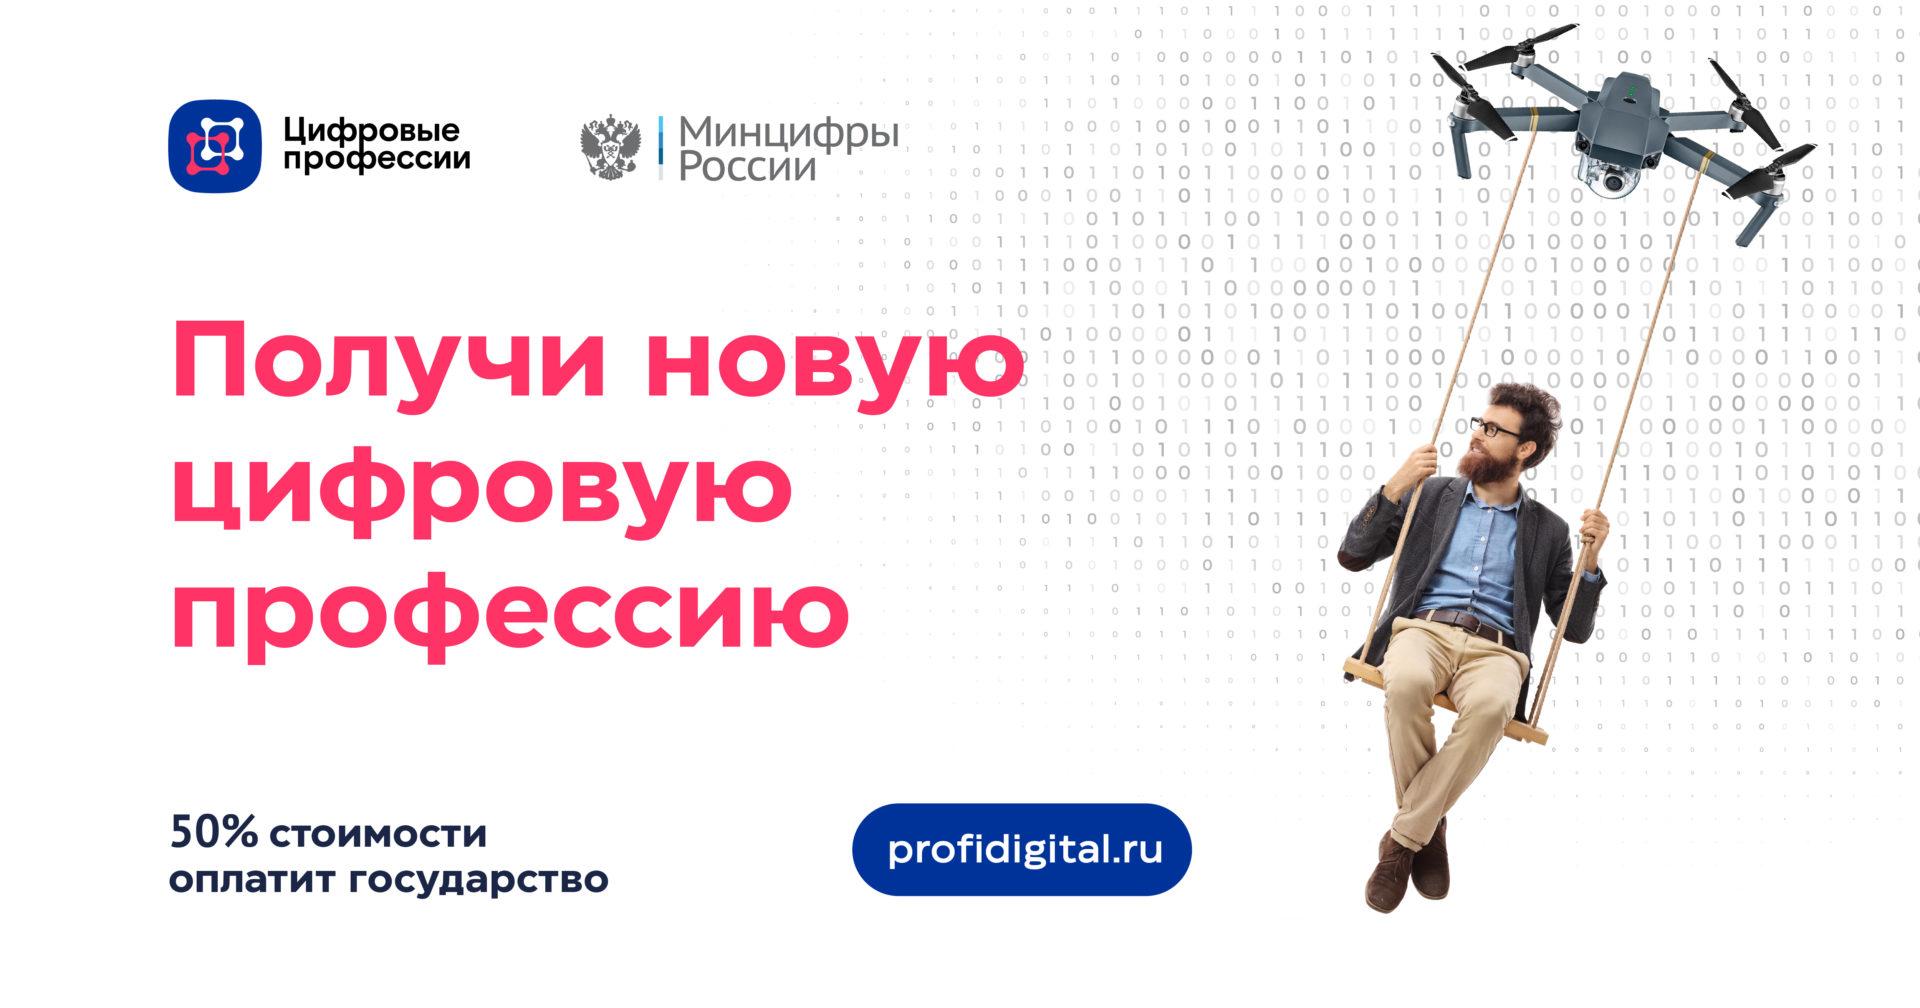 Для жителей Якутии открыта запись на обучение ИТ-профессиям при финансовой поддержке государства